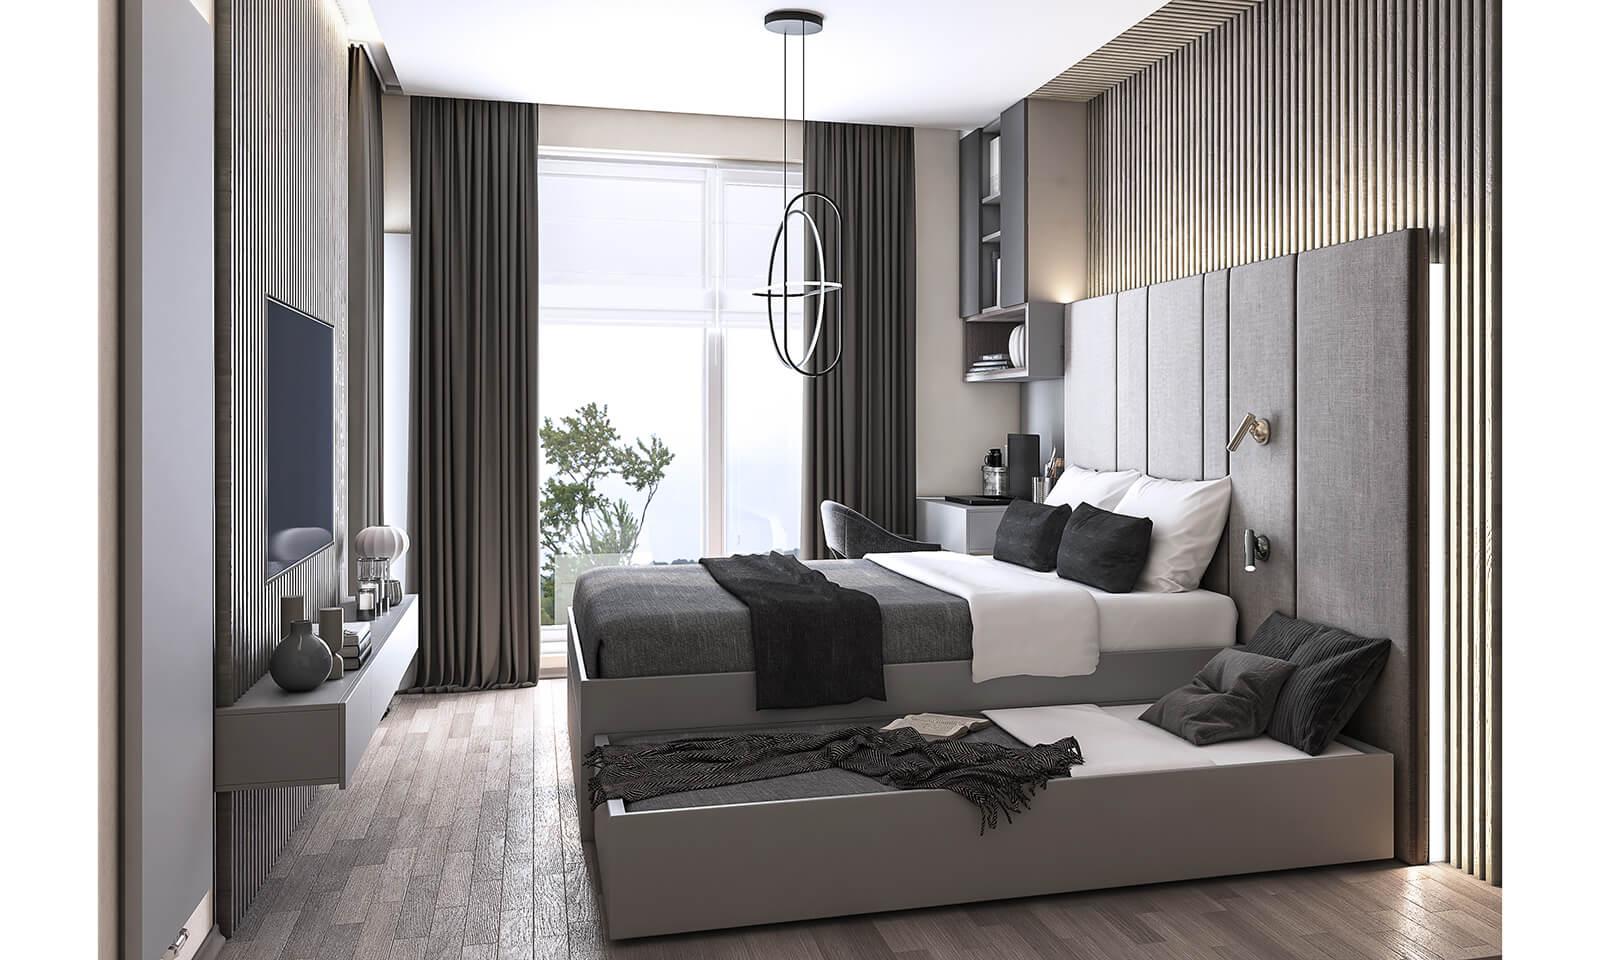 interioren-dizain-proekt-na-gostrna-staya-za-gosti-prato (1)